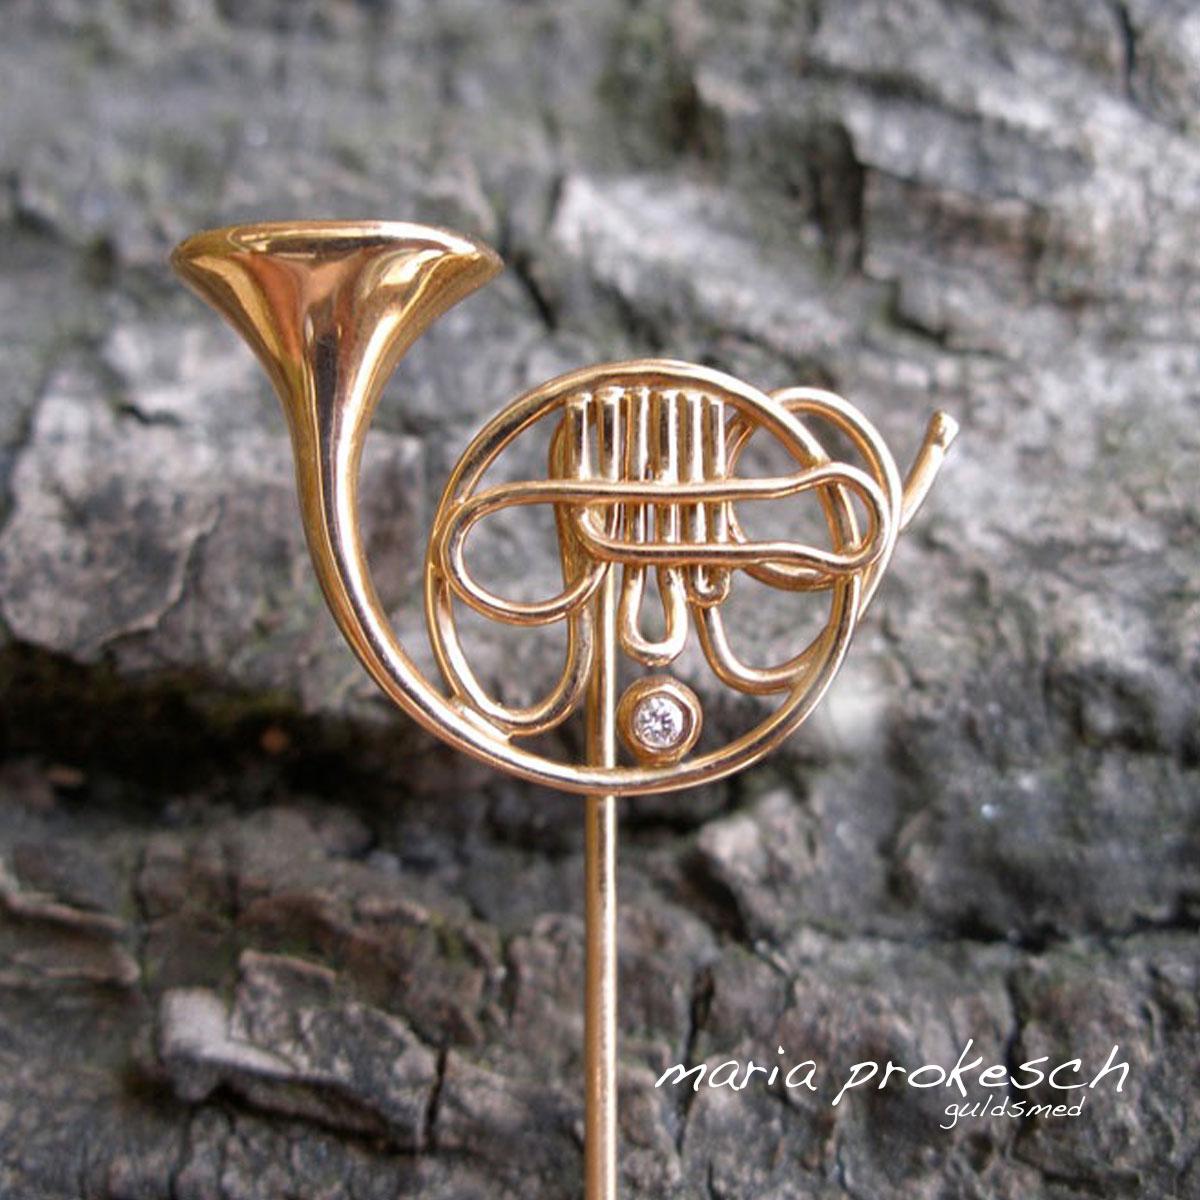 Waldhorn som reversnål i 14 kt guld til musiker. Håndlavet med fine detaljer. Personligt herresmykke